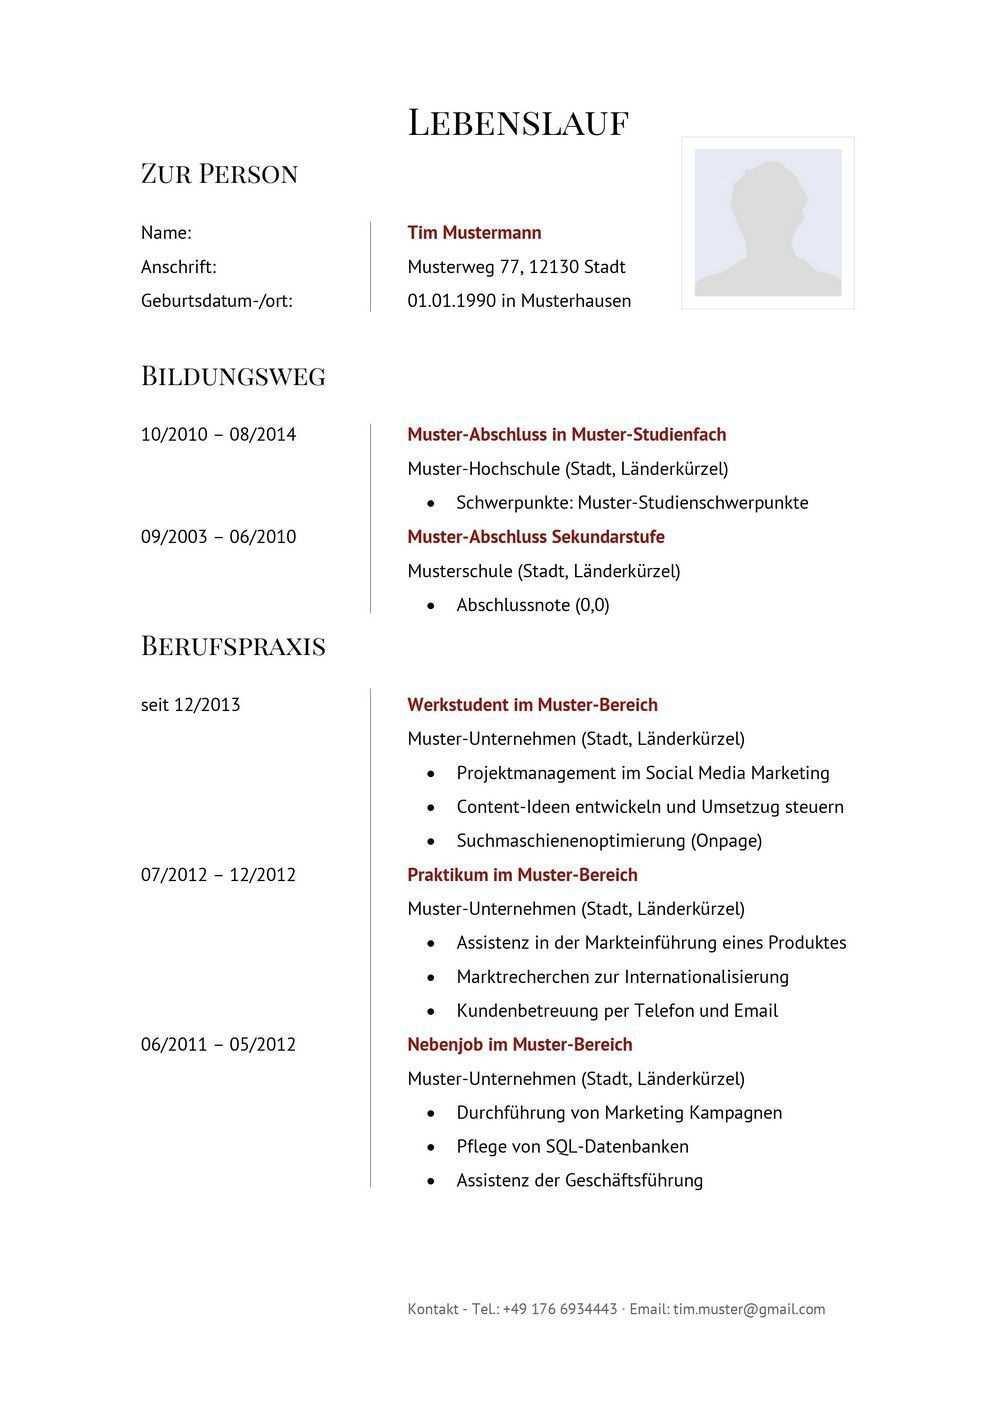 Fur Jeden Beruf Gibt Es Nun Die Passende Vorlage Dieses Muster Ist Geeignet Fur Folgende Berufe Manager Koor Lebenslauf Tipps Lebenslauf Vorlagen Lebenslauf